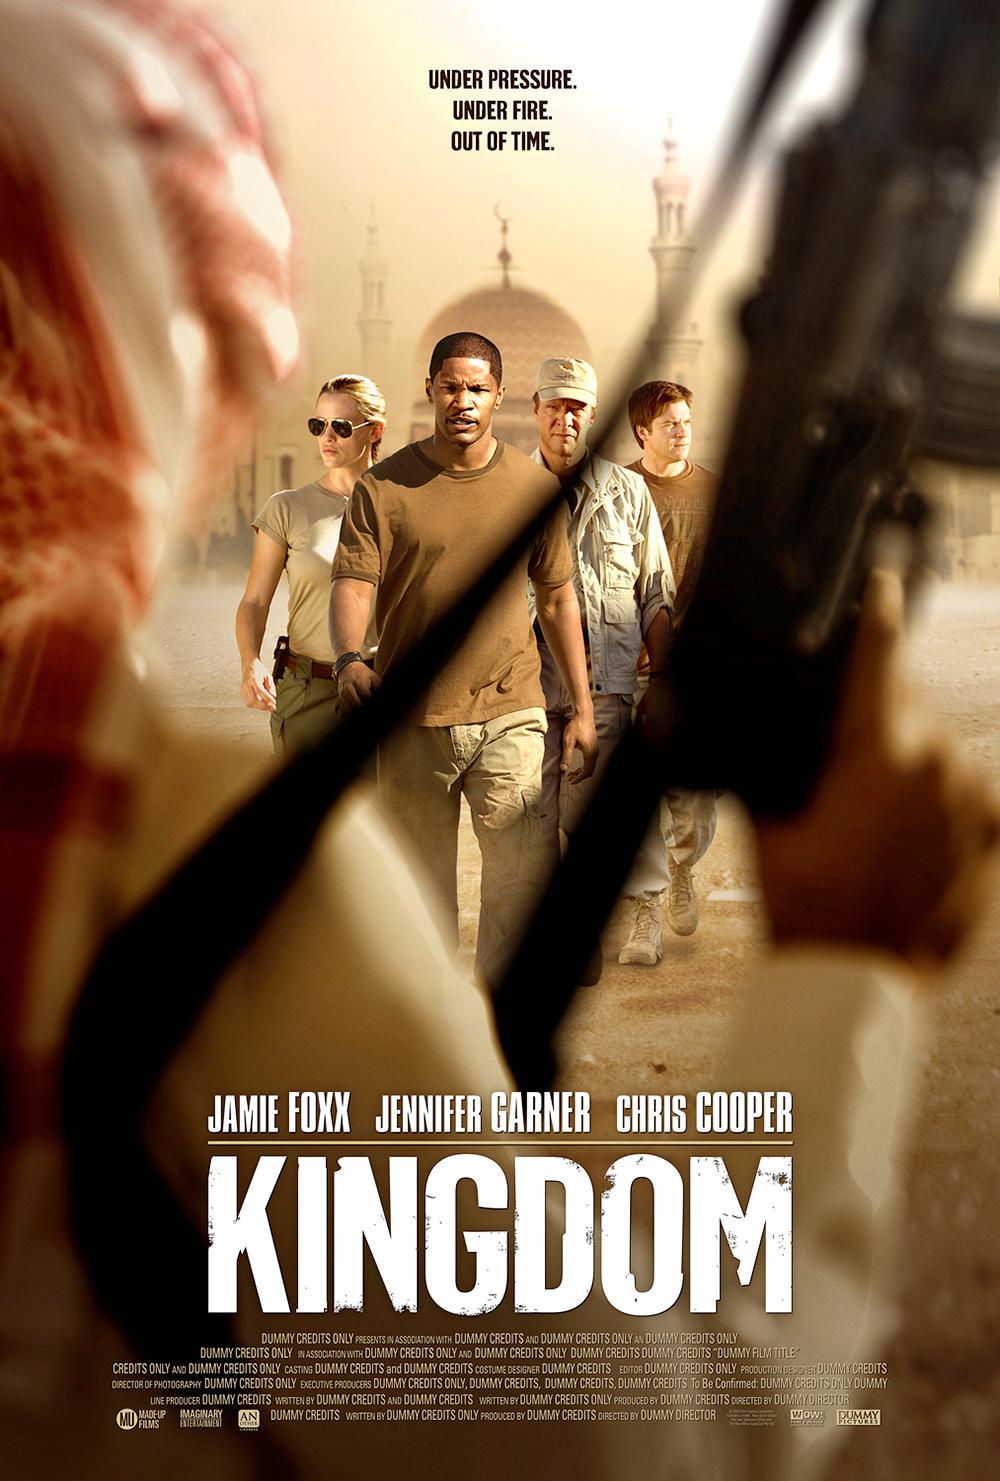 KINGDOM_1SH.jpg